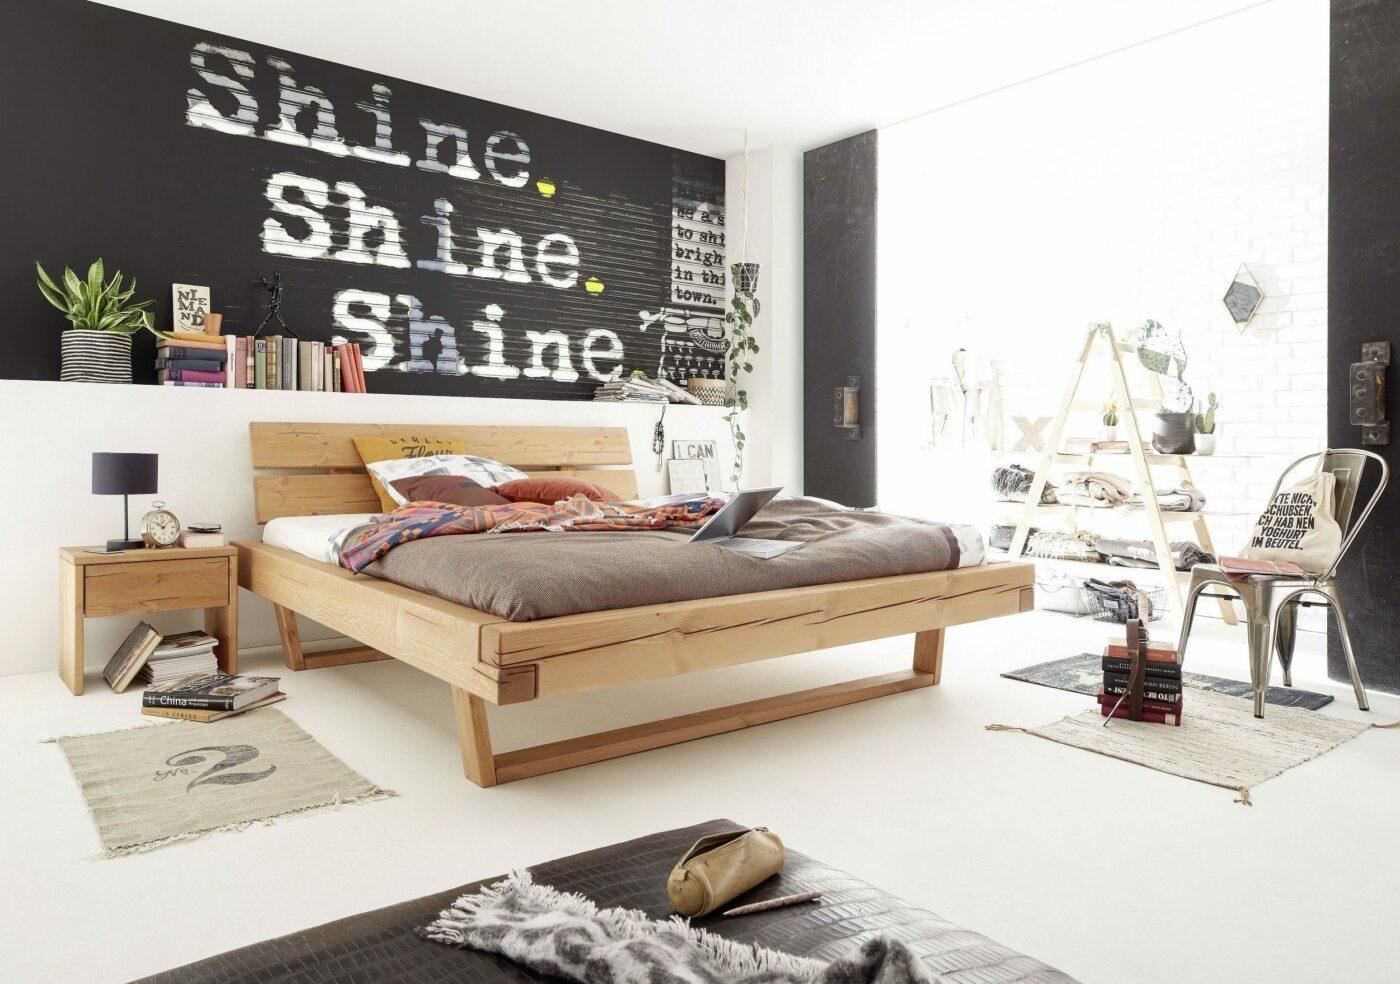 Bett mit Holzrahmen im Timber-Look vor Wand mit Schriftzügen